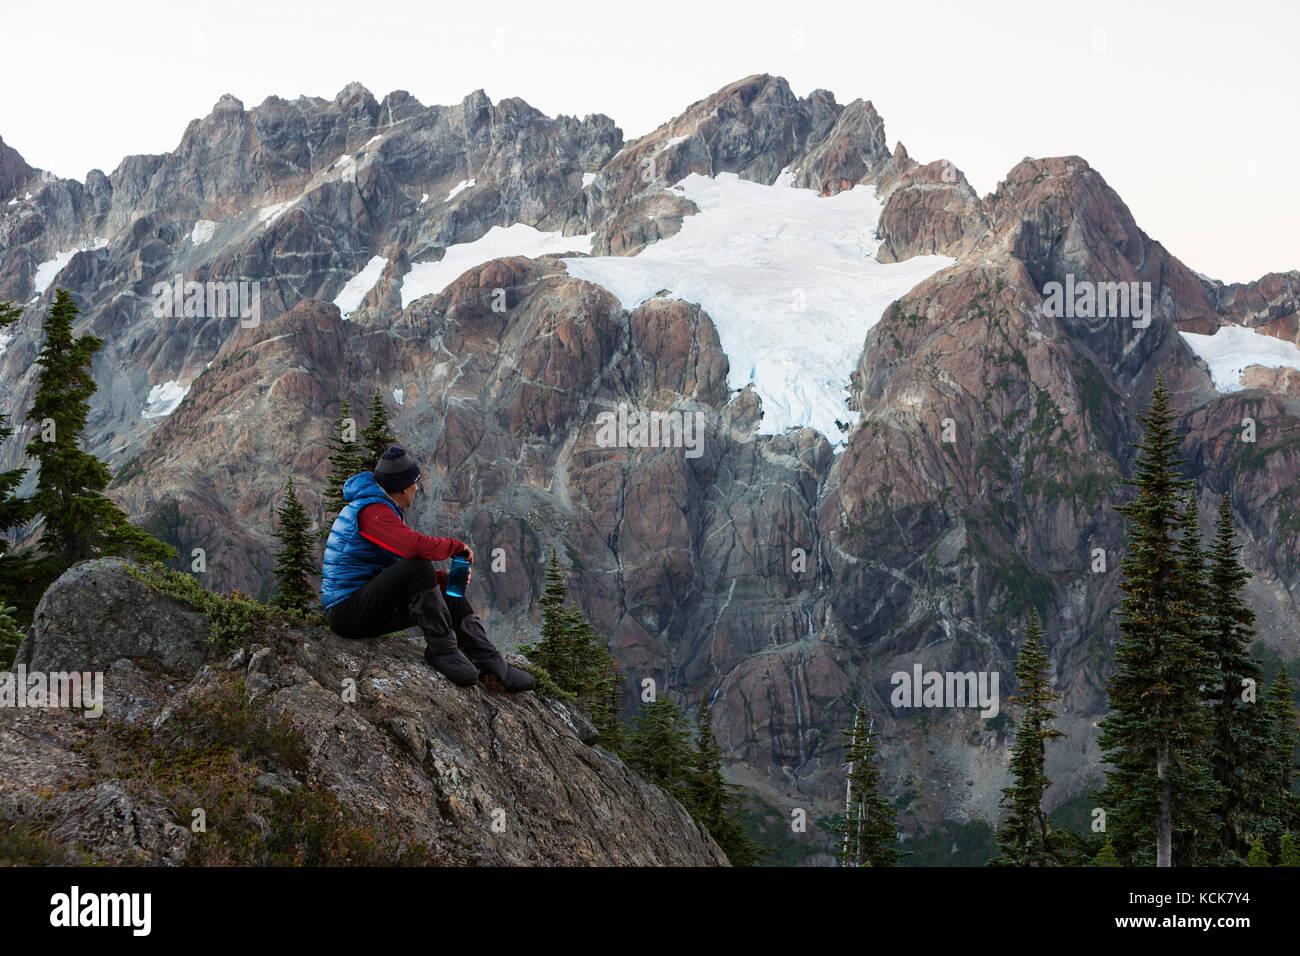 Un solitario caminante en busca del séptimo/rousseau macizo y su ventisquero colgante en el camping de la noche Imagen De Stock